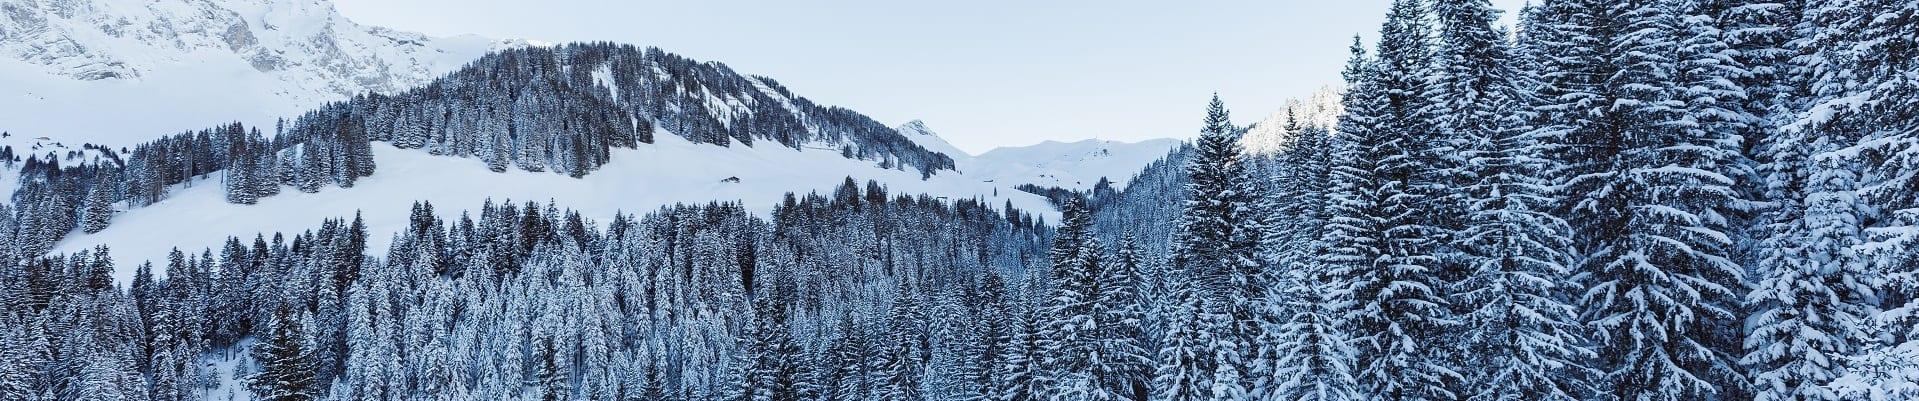 Verschneite Tannen in der Winterlandschaft Adelboden Silleren